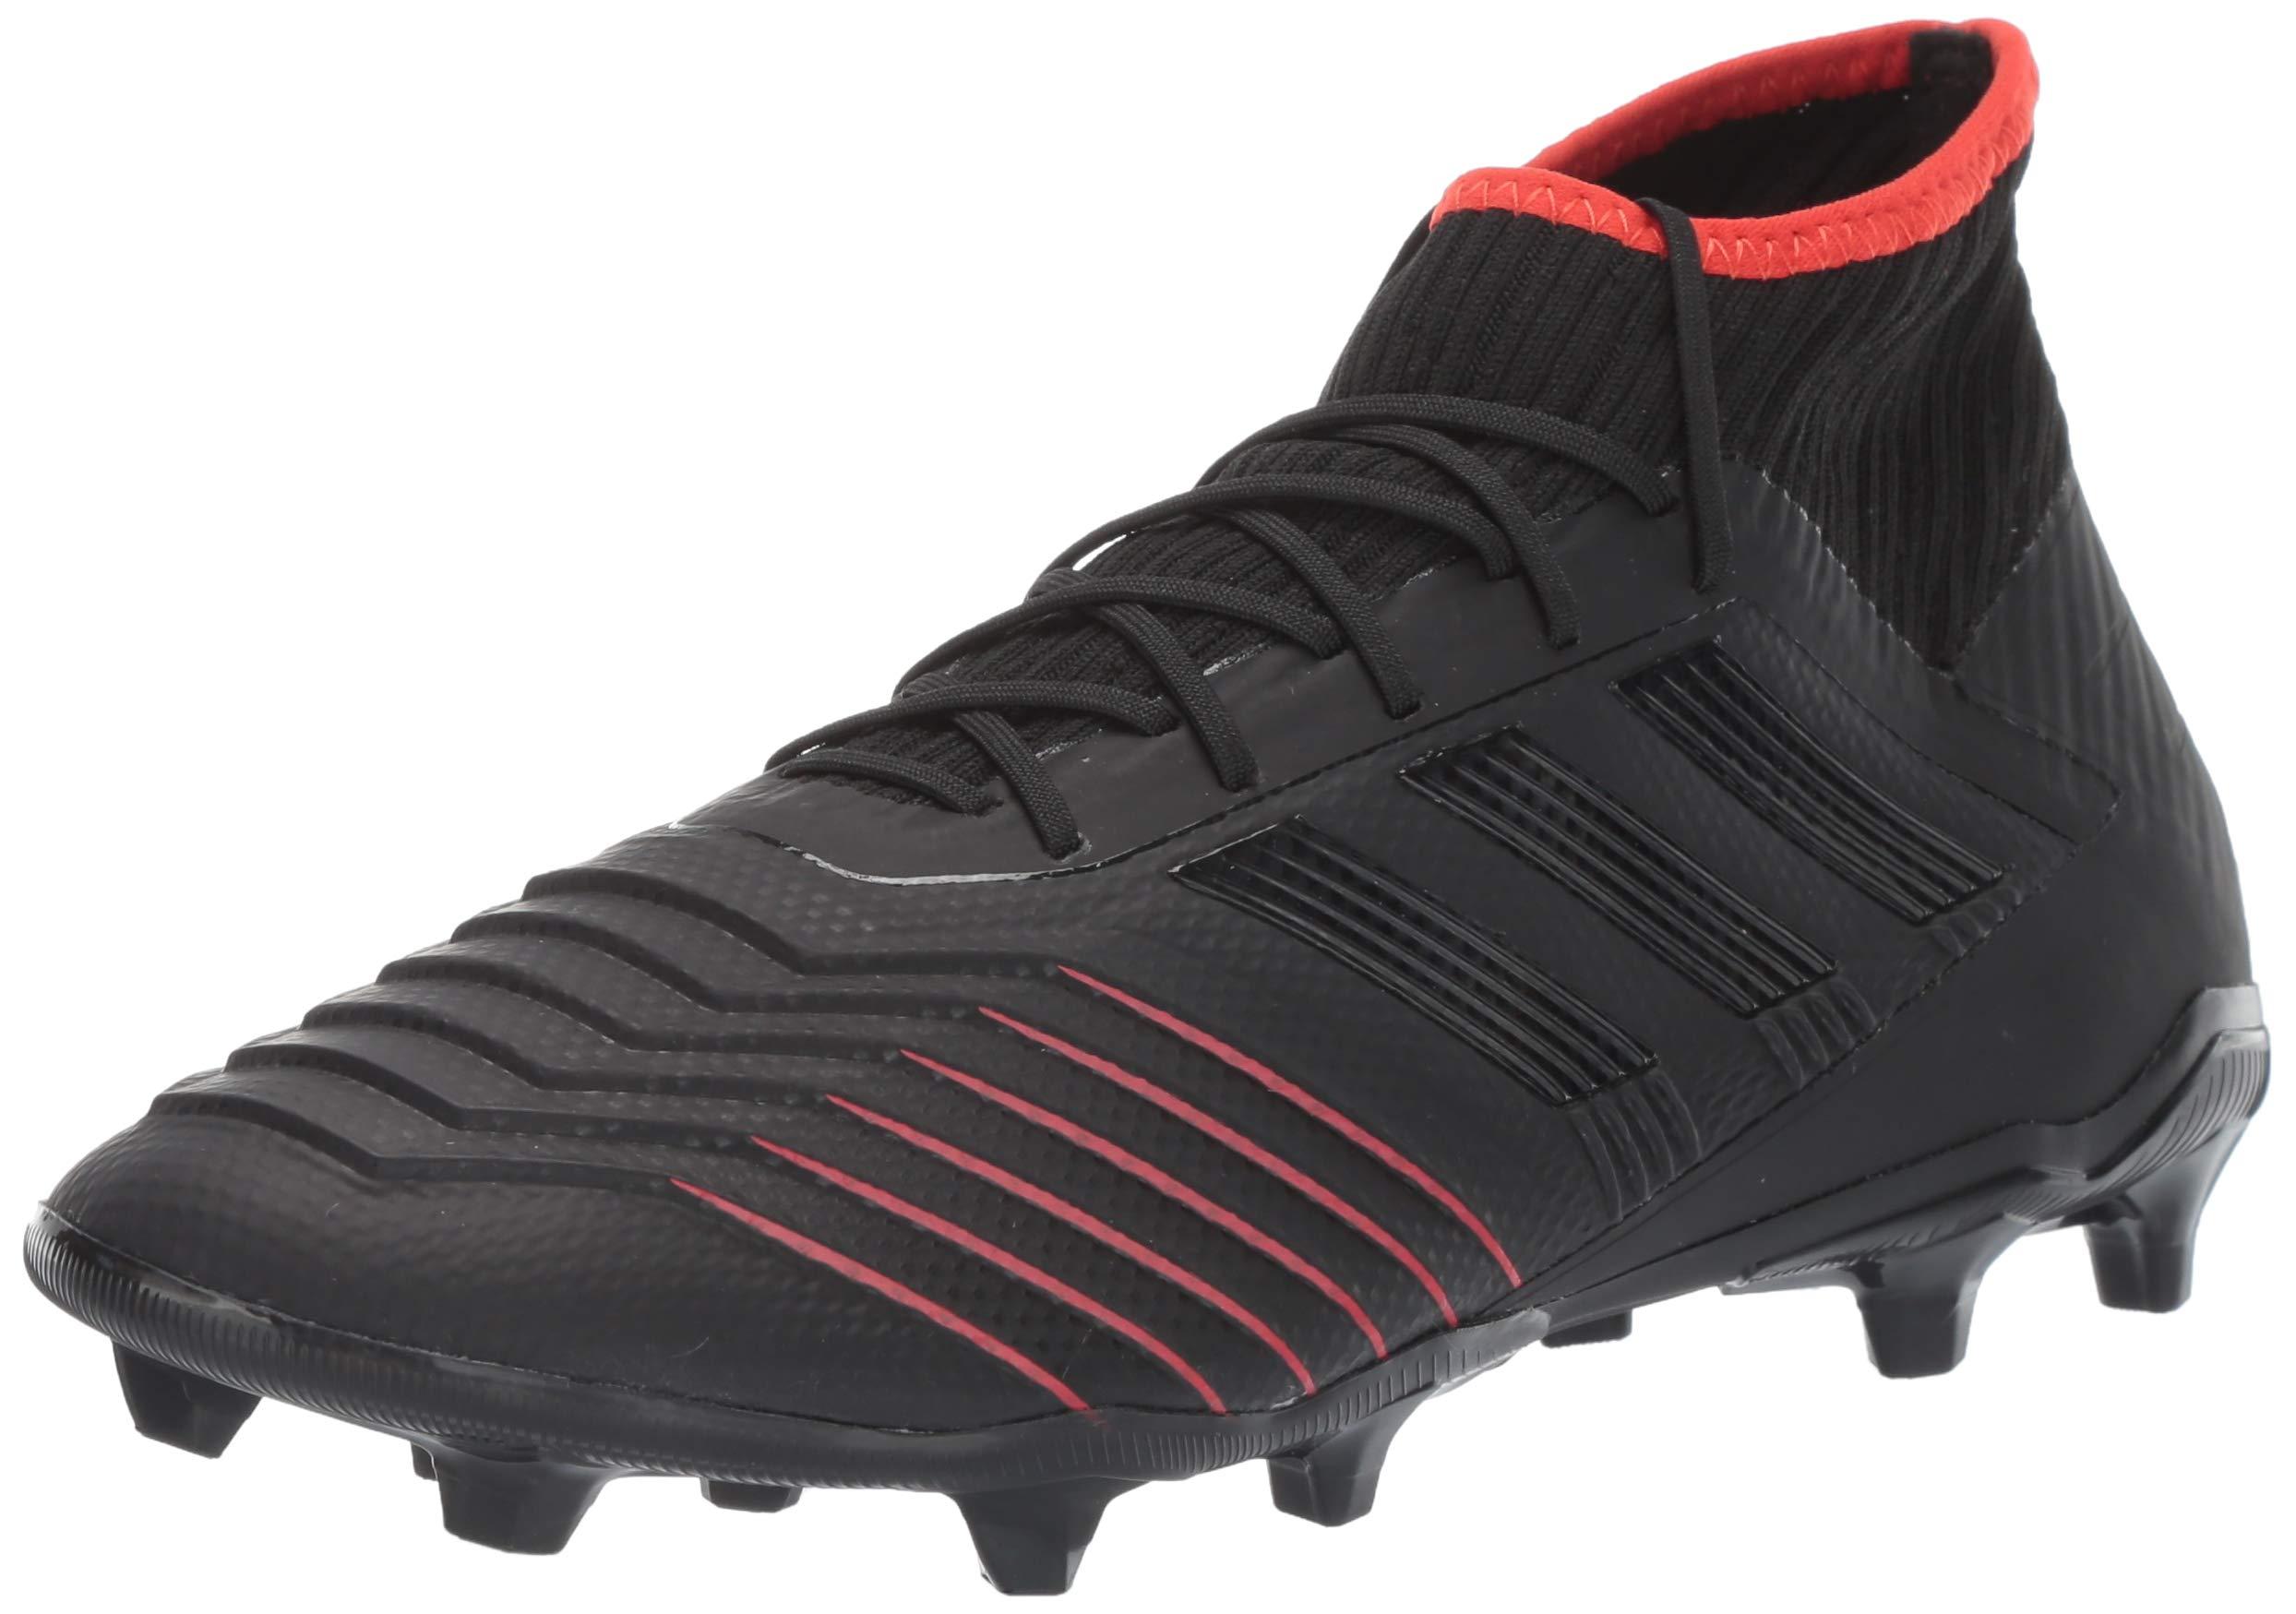 adidas Men's Predator 19.2 Firm Ground, Black/Active red, 6.5 M US